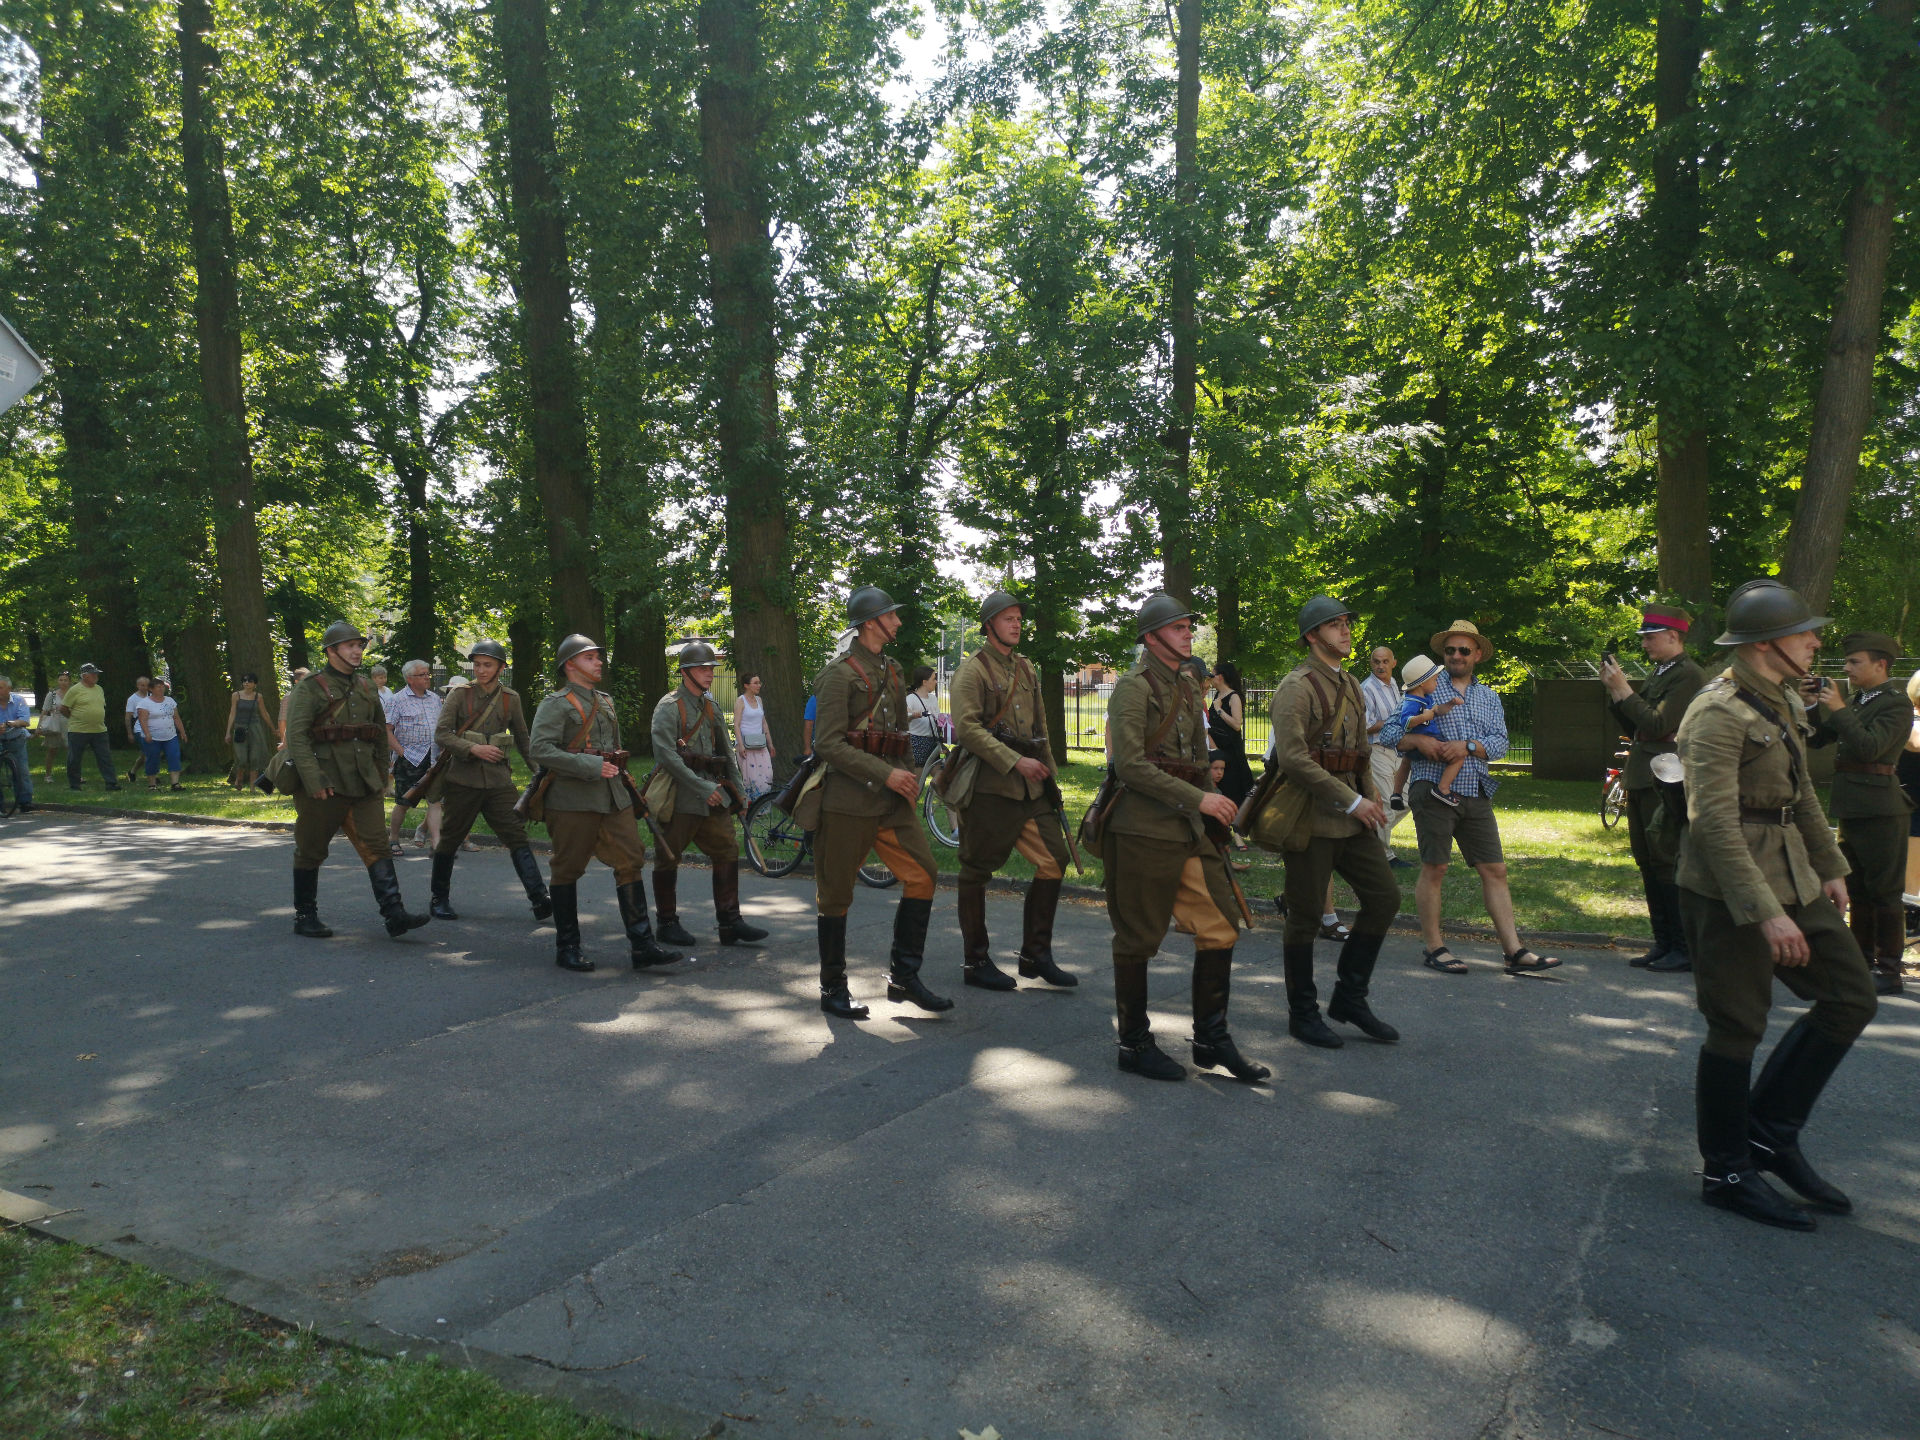 Parada z okazji obchodów 100-lecia przybycia 7 Pułku Ułanów Lubelskich do Mińska Mazowieckiego. W otoczeniu drzew ku prawej stronie kadru idzie zastęp żołnierzy ubranych w historyczne, zielone mundury; na głowach mają hełmy.